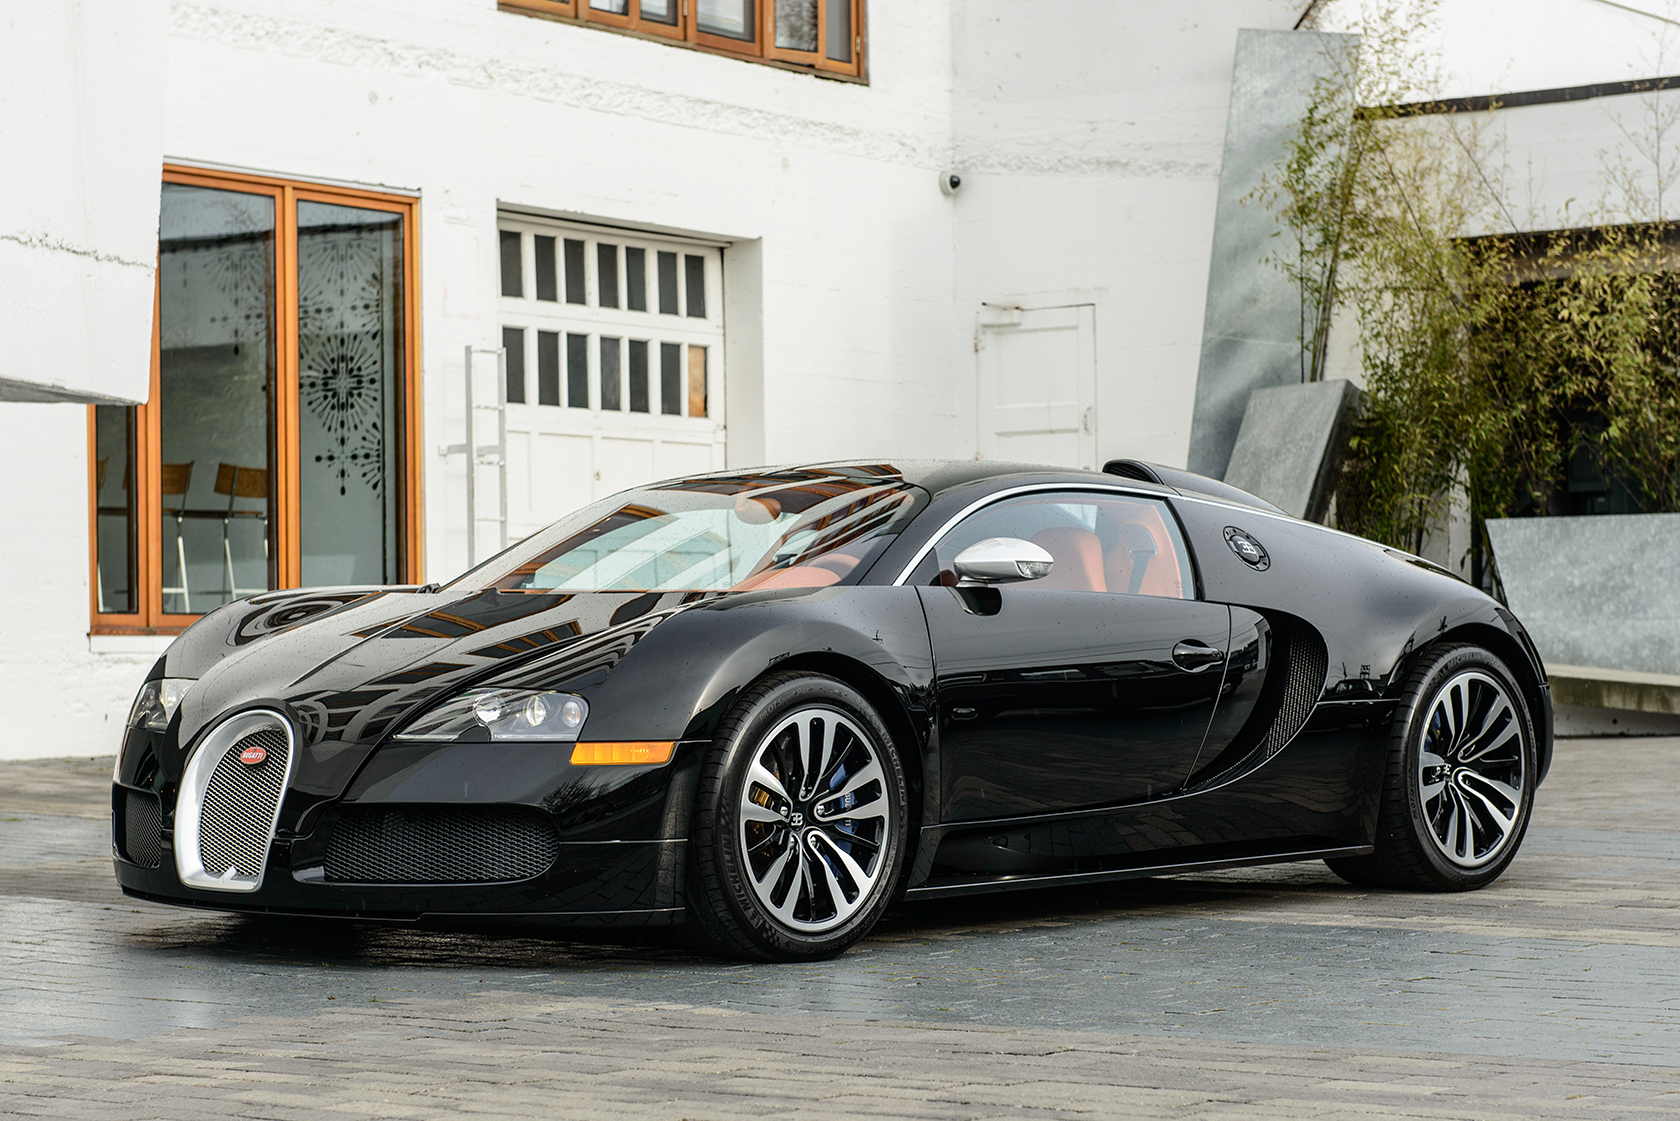 Drakeu0027s Bugatti Veyron Sang Noir Drakeu0027s Bugatti Veyron Sang ...